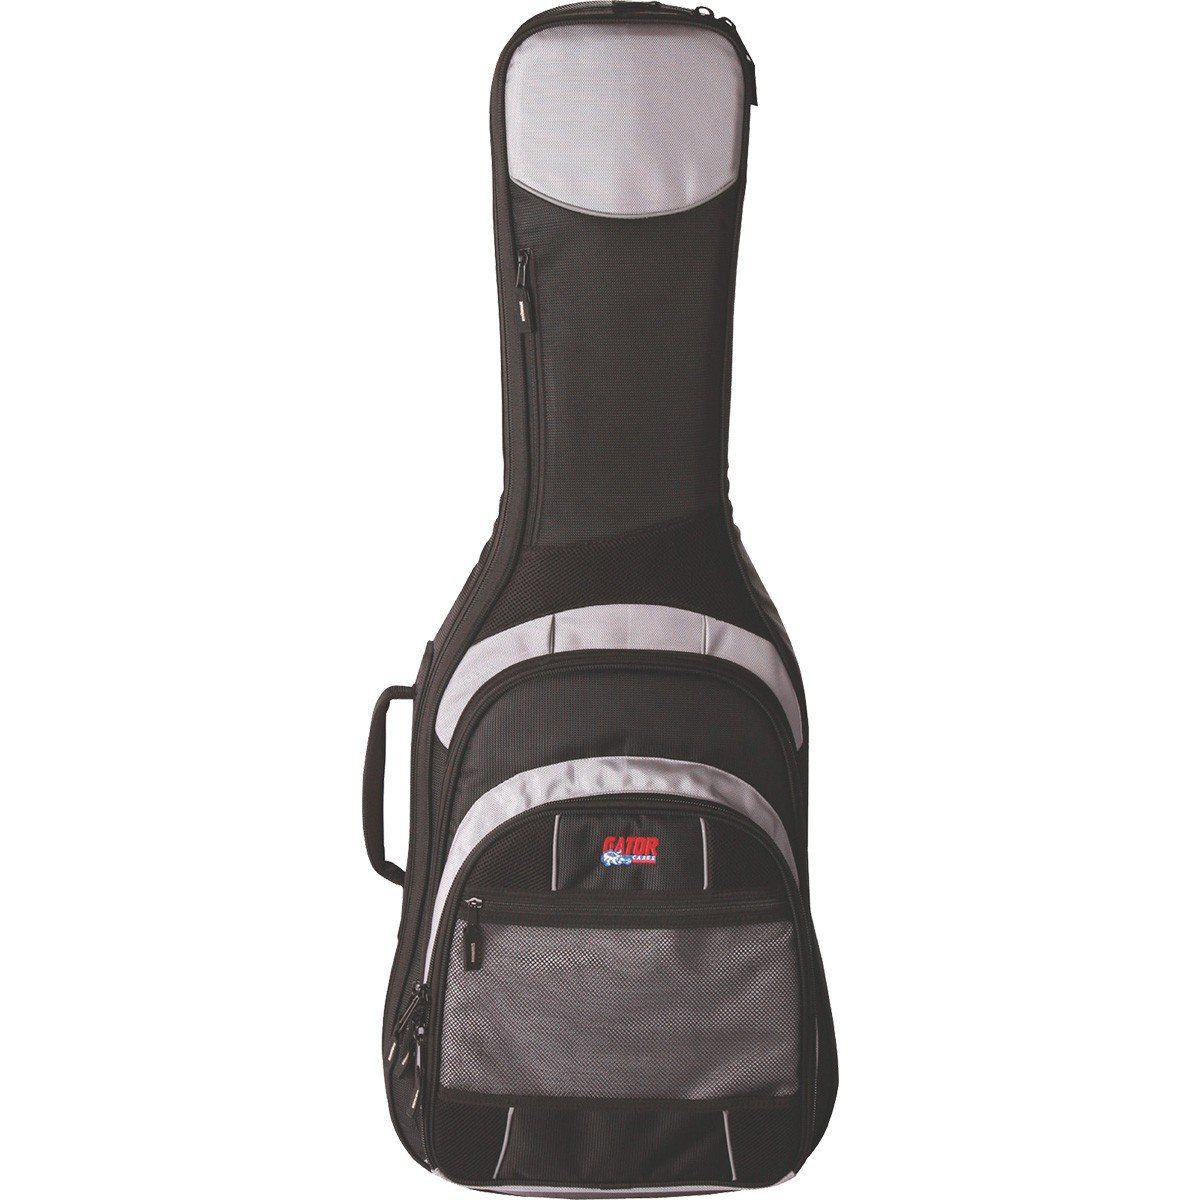 Gator G-Com-Bass Bag Gator G Com Bass para Contrabaixo